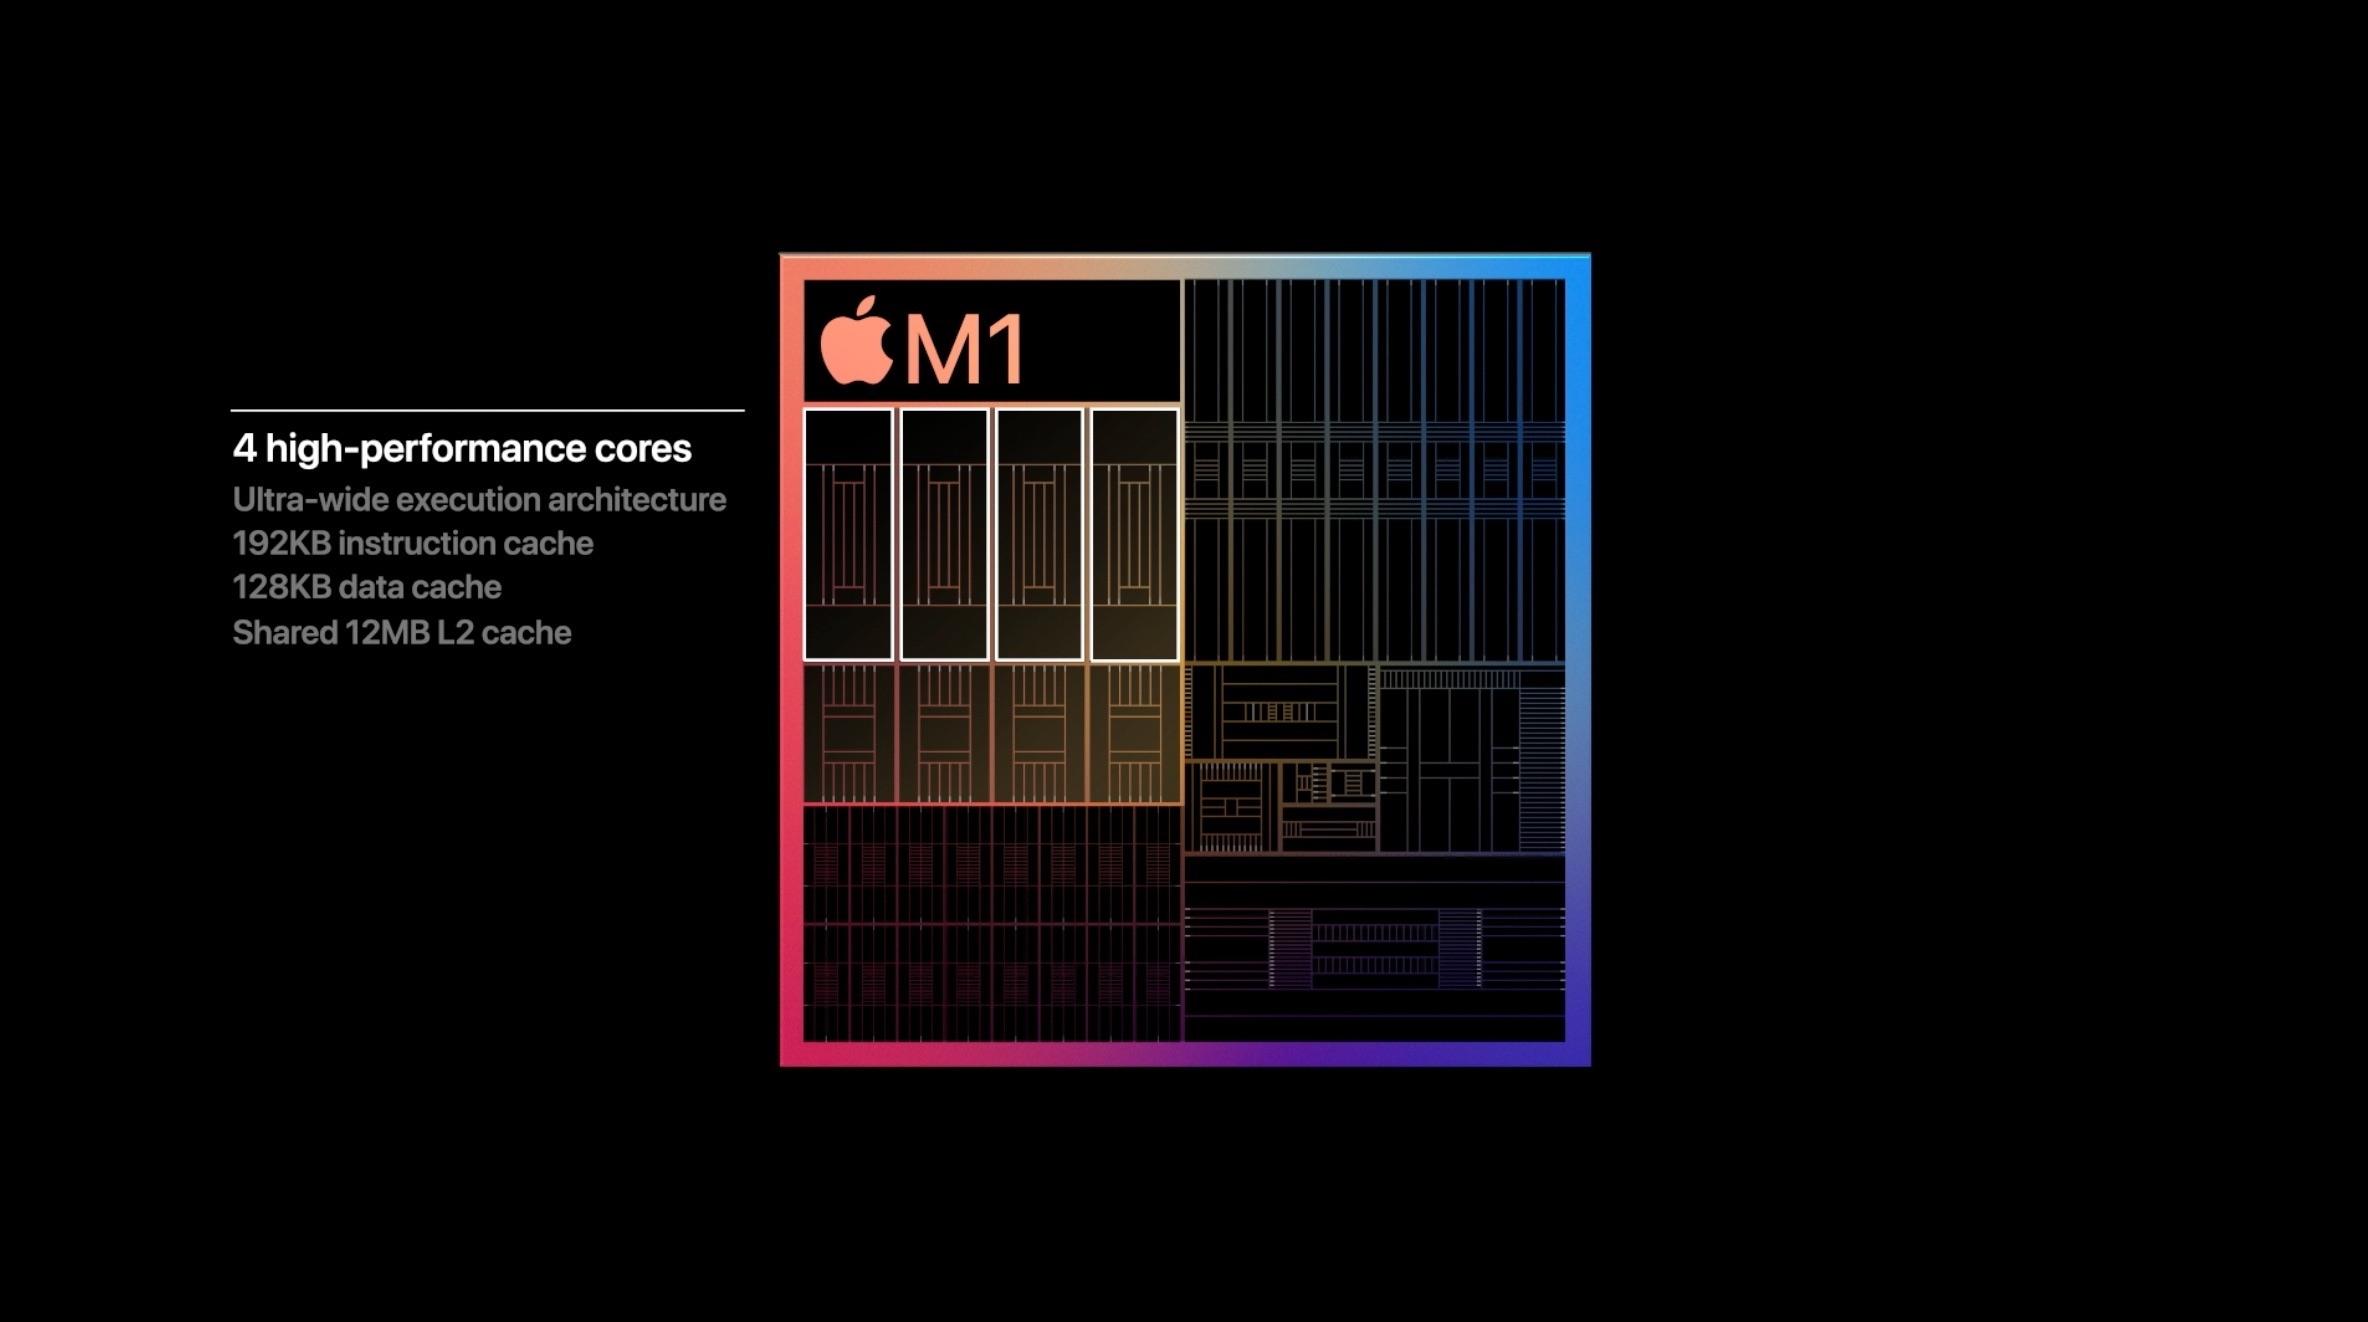 De high-power cores van de M1